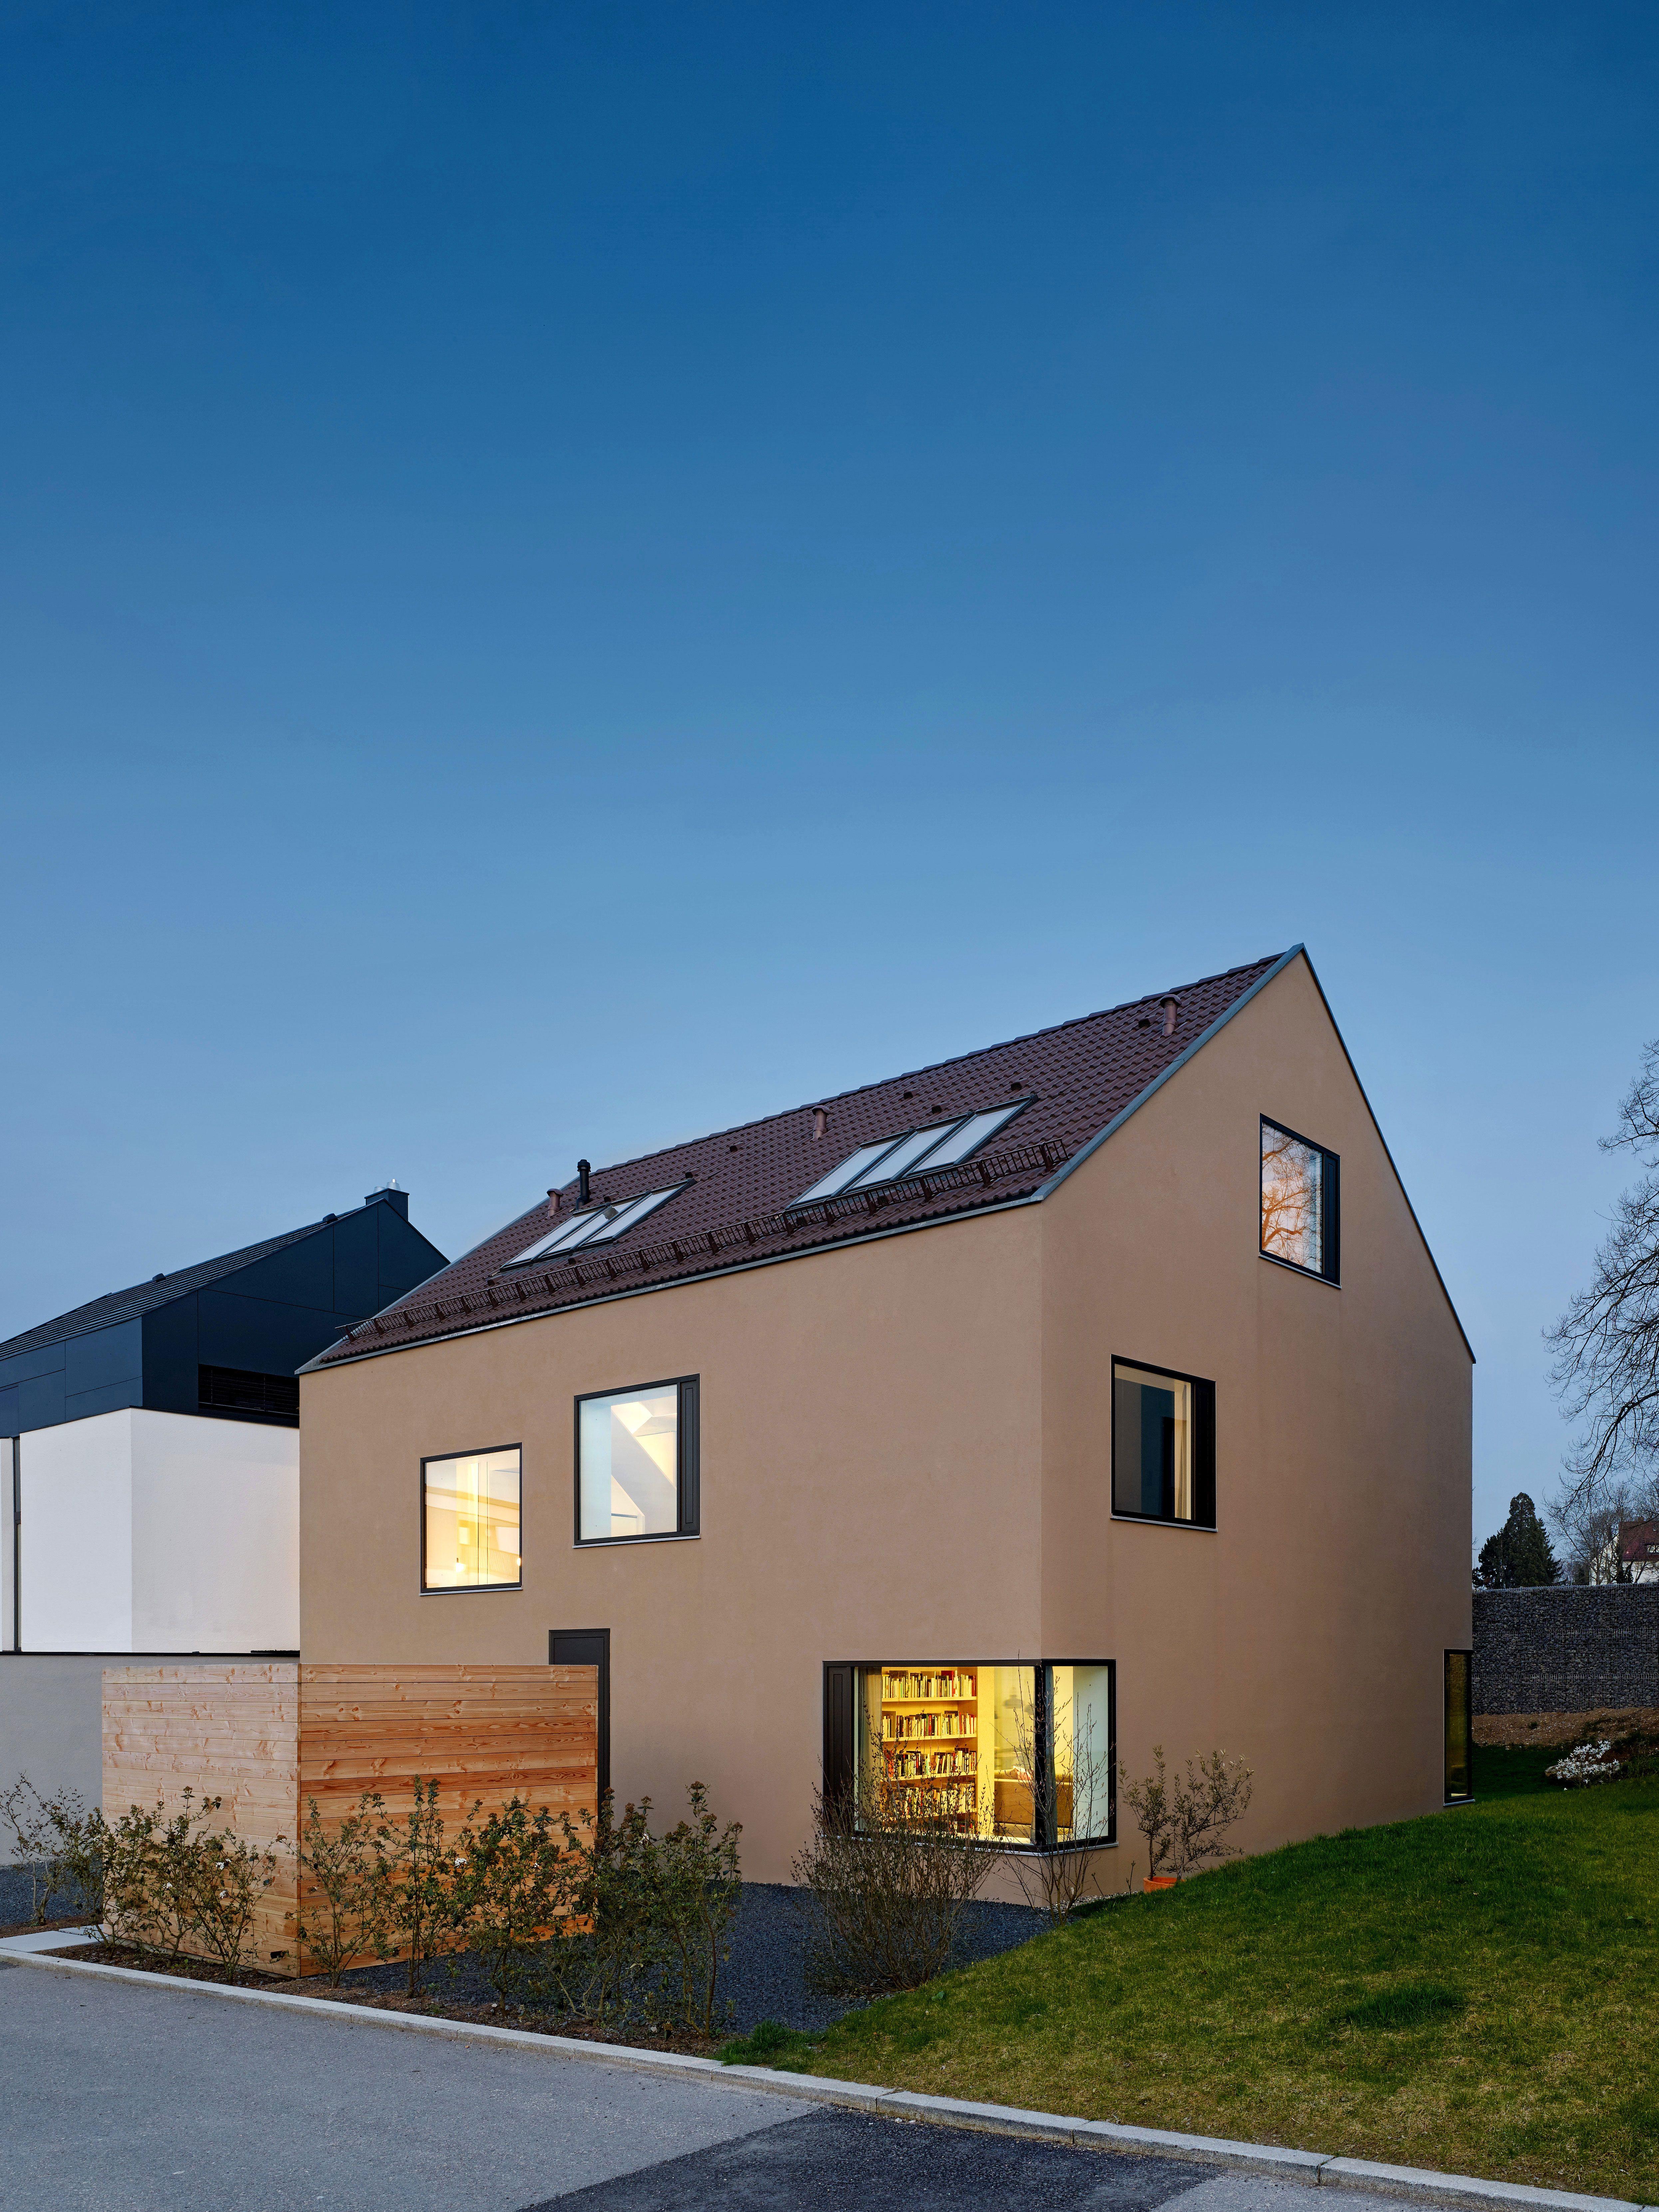 Ein Haus Wie Von Kinderhand Gezeichnet Mit Satteldach Und Grossen Fenstern Was So Spielerisch Wirkt Folgt Bewusst D Fassade Haus Haus Architektur Architektur